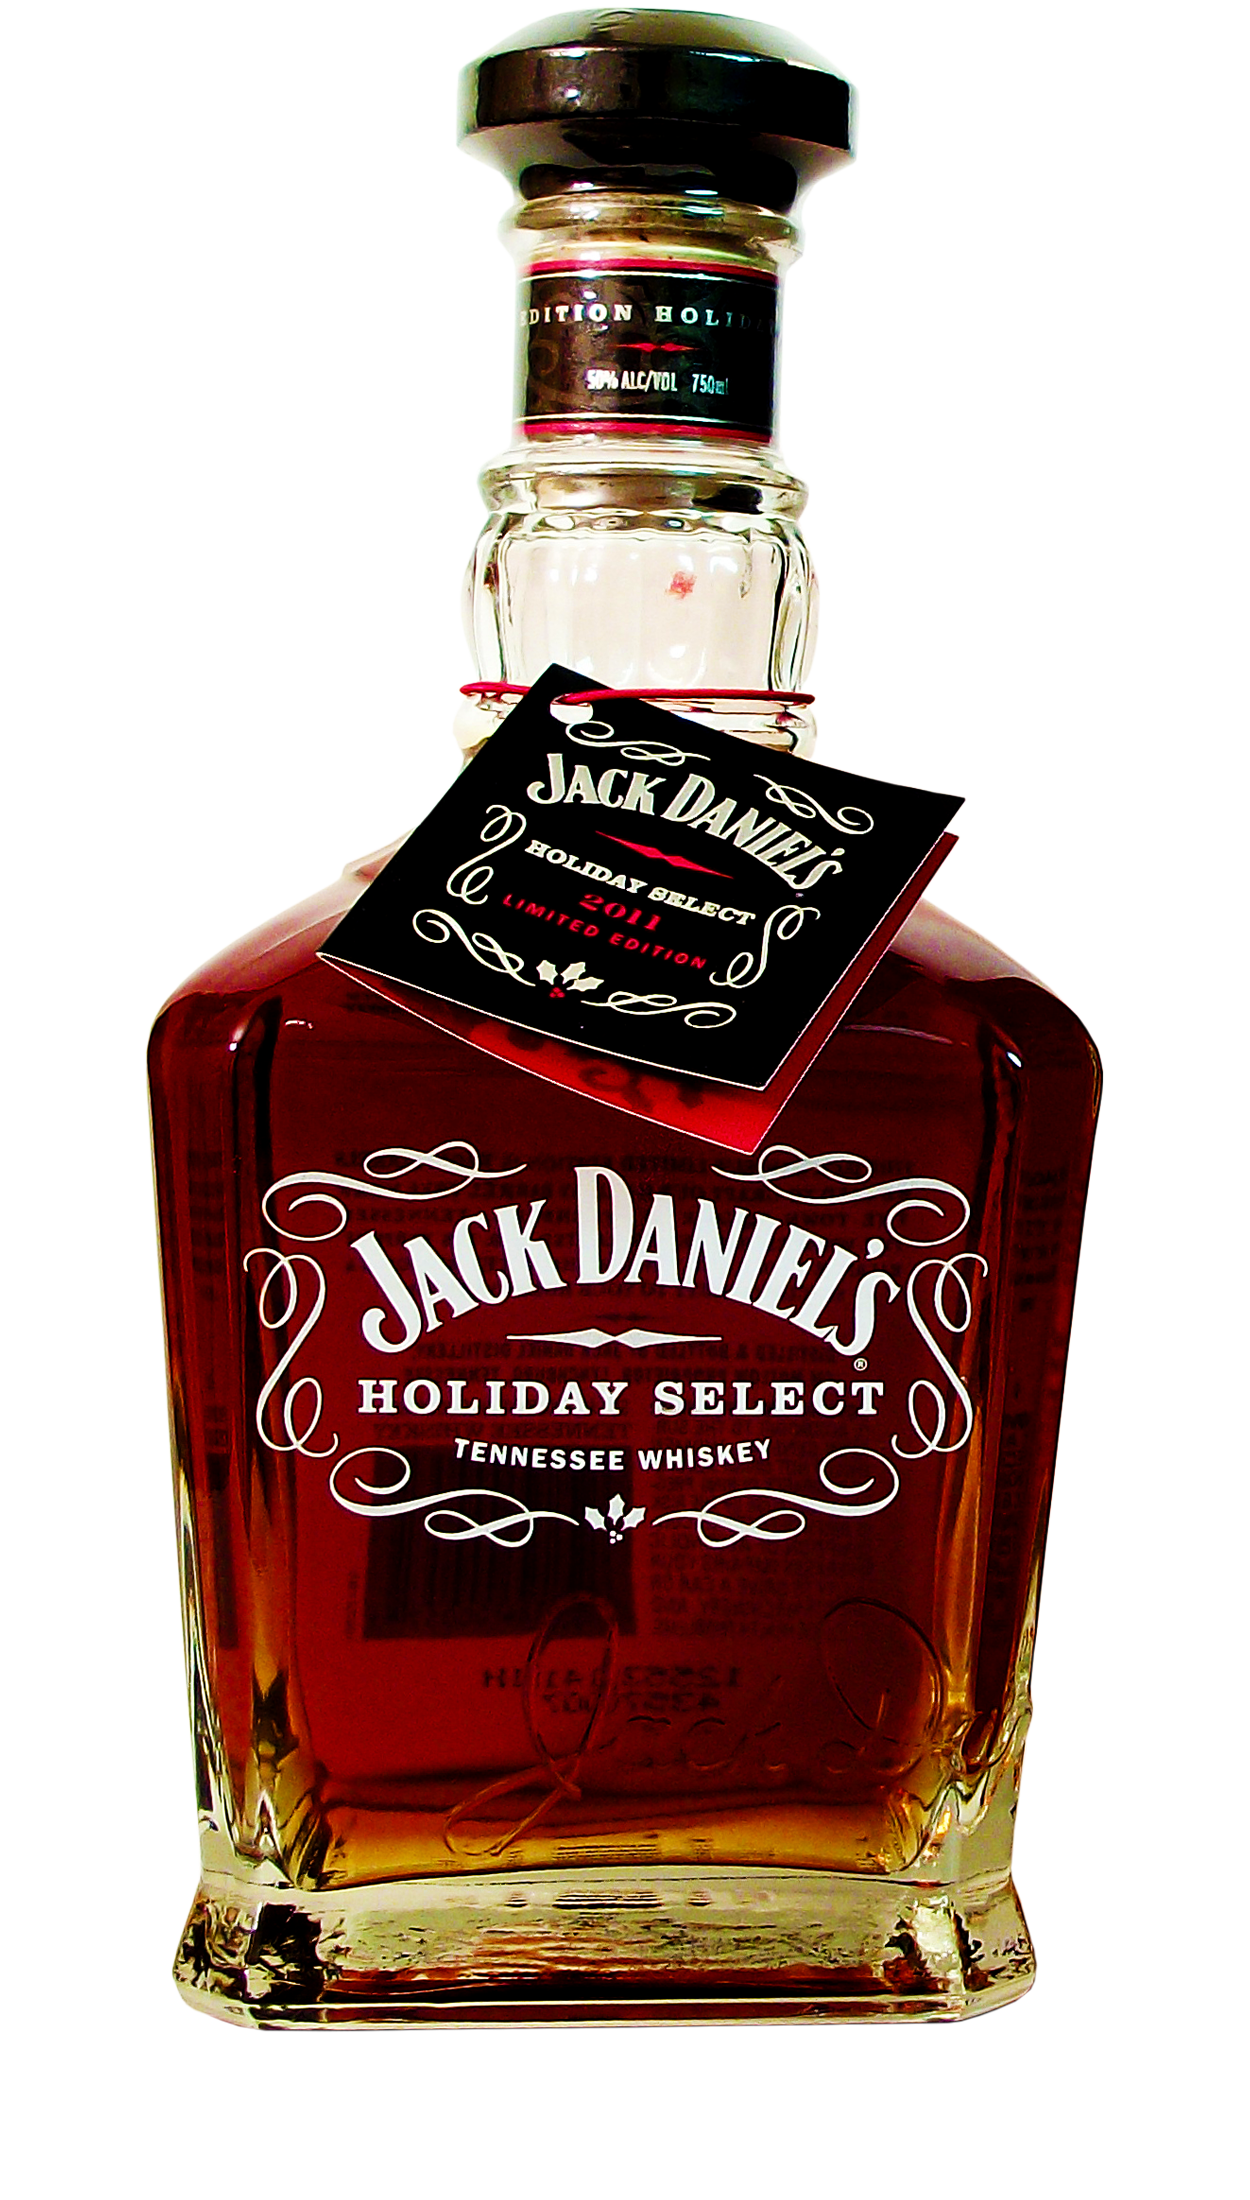 Master Distiller Series Bottle 4 Jack Daniels Bottles Cigars And Whiskey Bottle Monogram Whiskey